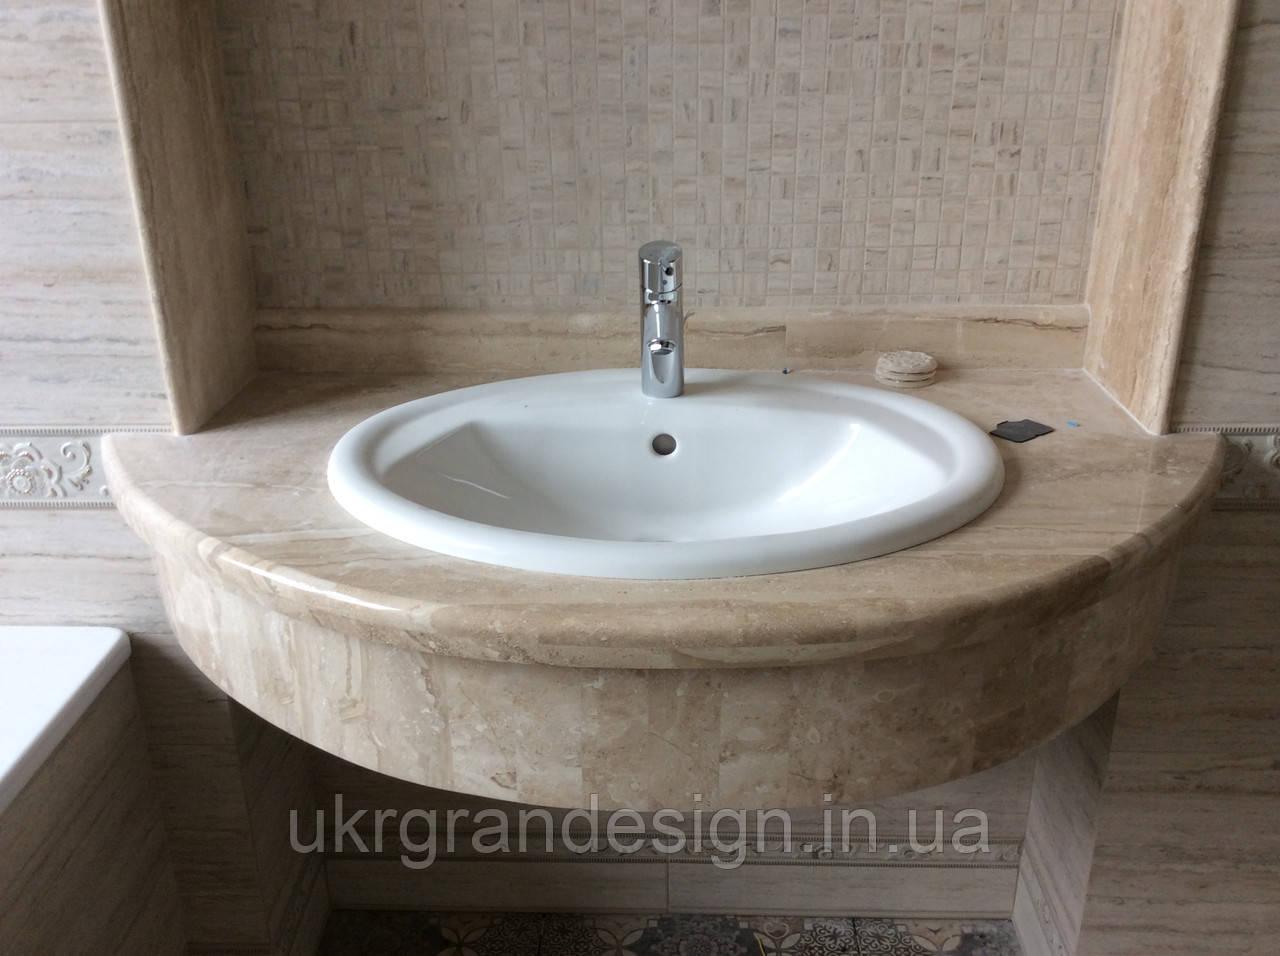 Столешница в ванную комнату из мрамора